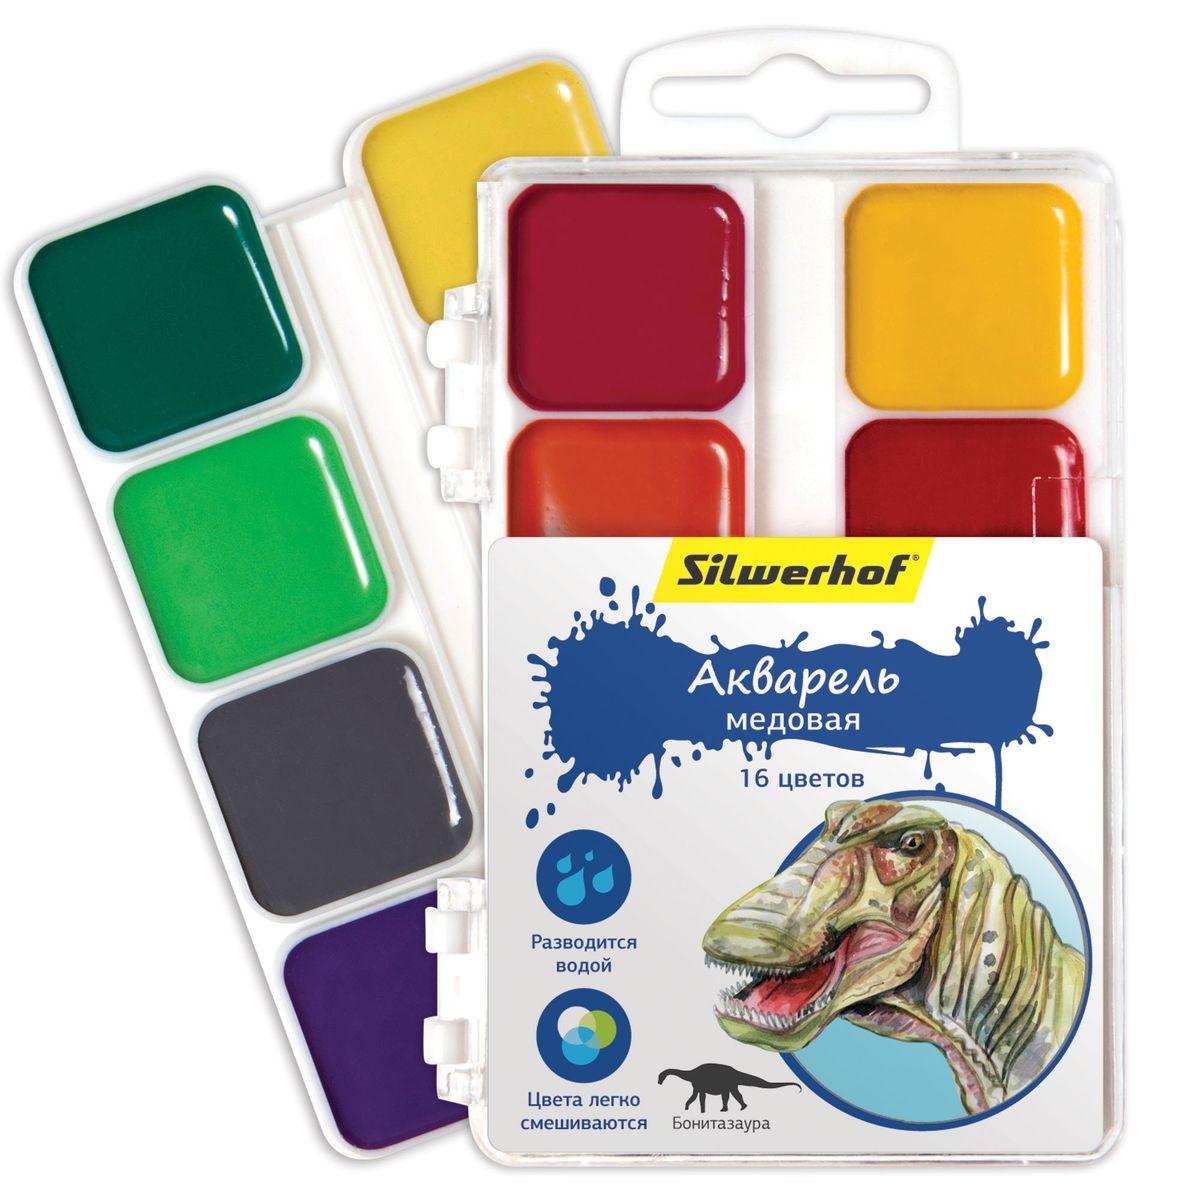 Silwerhof Акварель медовая Динозавры 16 цветов961125-16Медовая акварель Silwerhof Динозавры идеально подходит для детского творчества и живописных работ на бумаге и картоне.Яркие и насыщенные цвета красок. Все цвета легко смешиваются между собой, образуя целый спектр новых оттенков. Краски легко разводятся водой, быстро высыхают.Состав: декстрин, глицерин дистиллированный, сахар, мел, пигменты, консервант, вода питьевая.